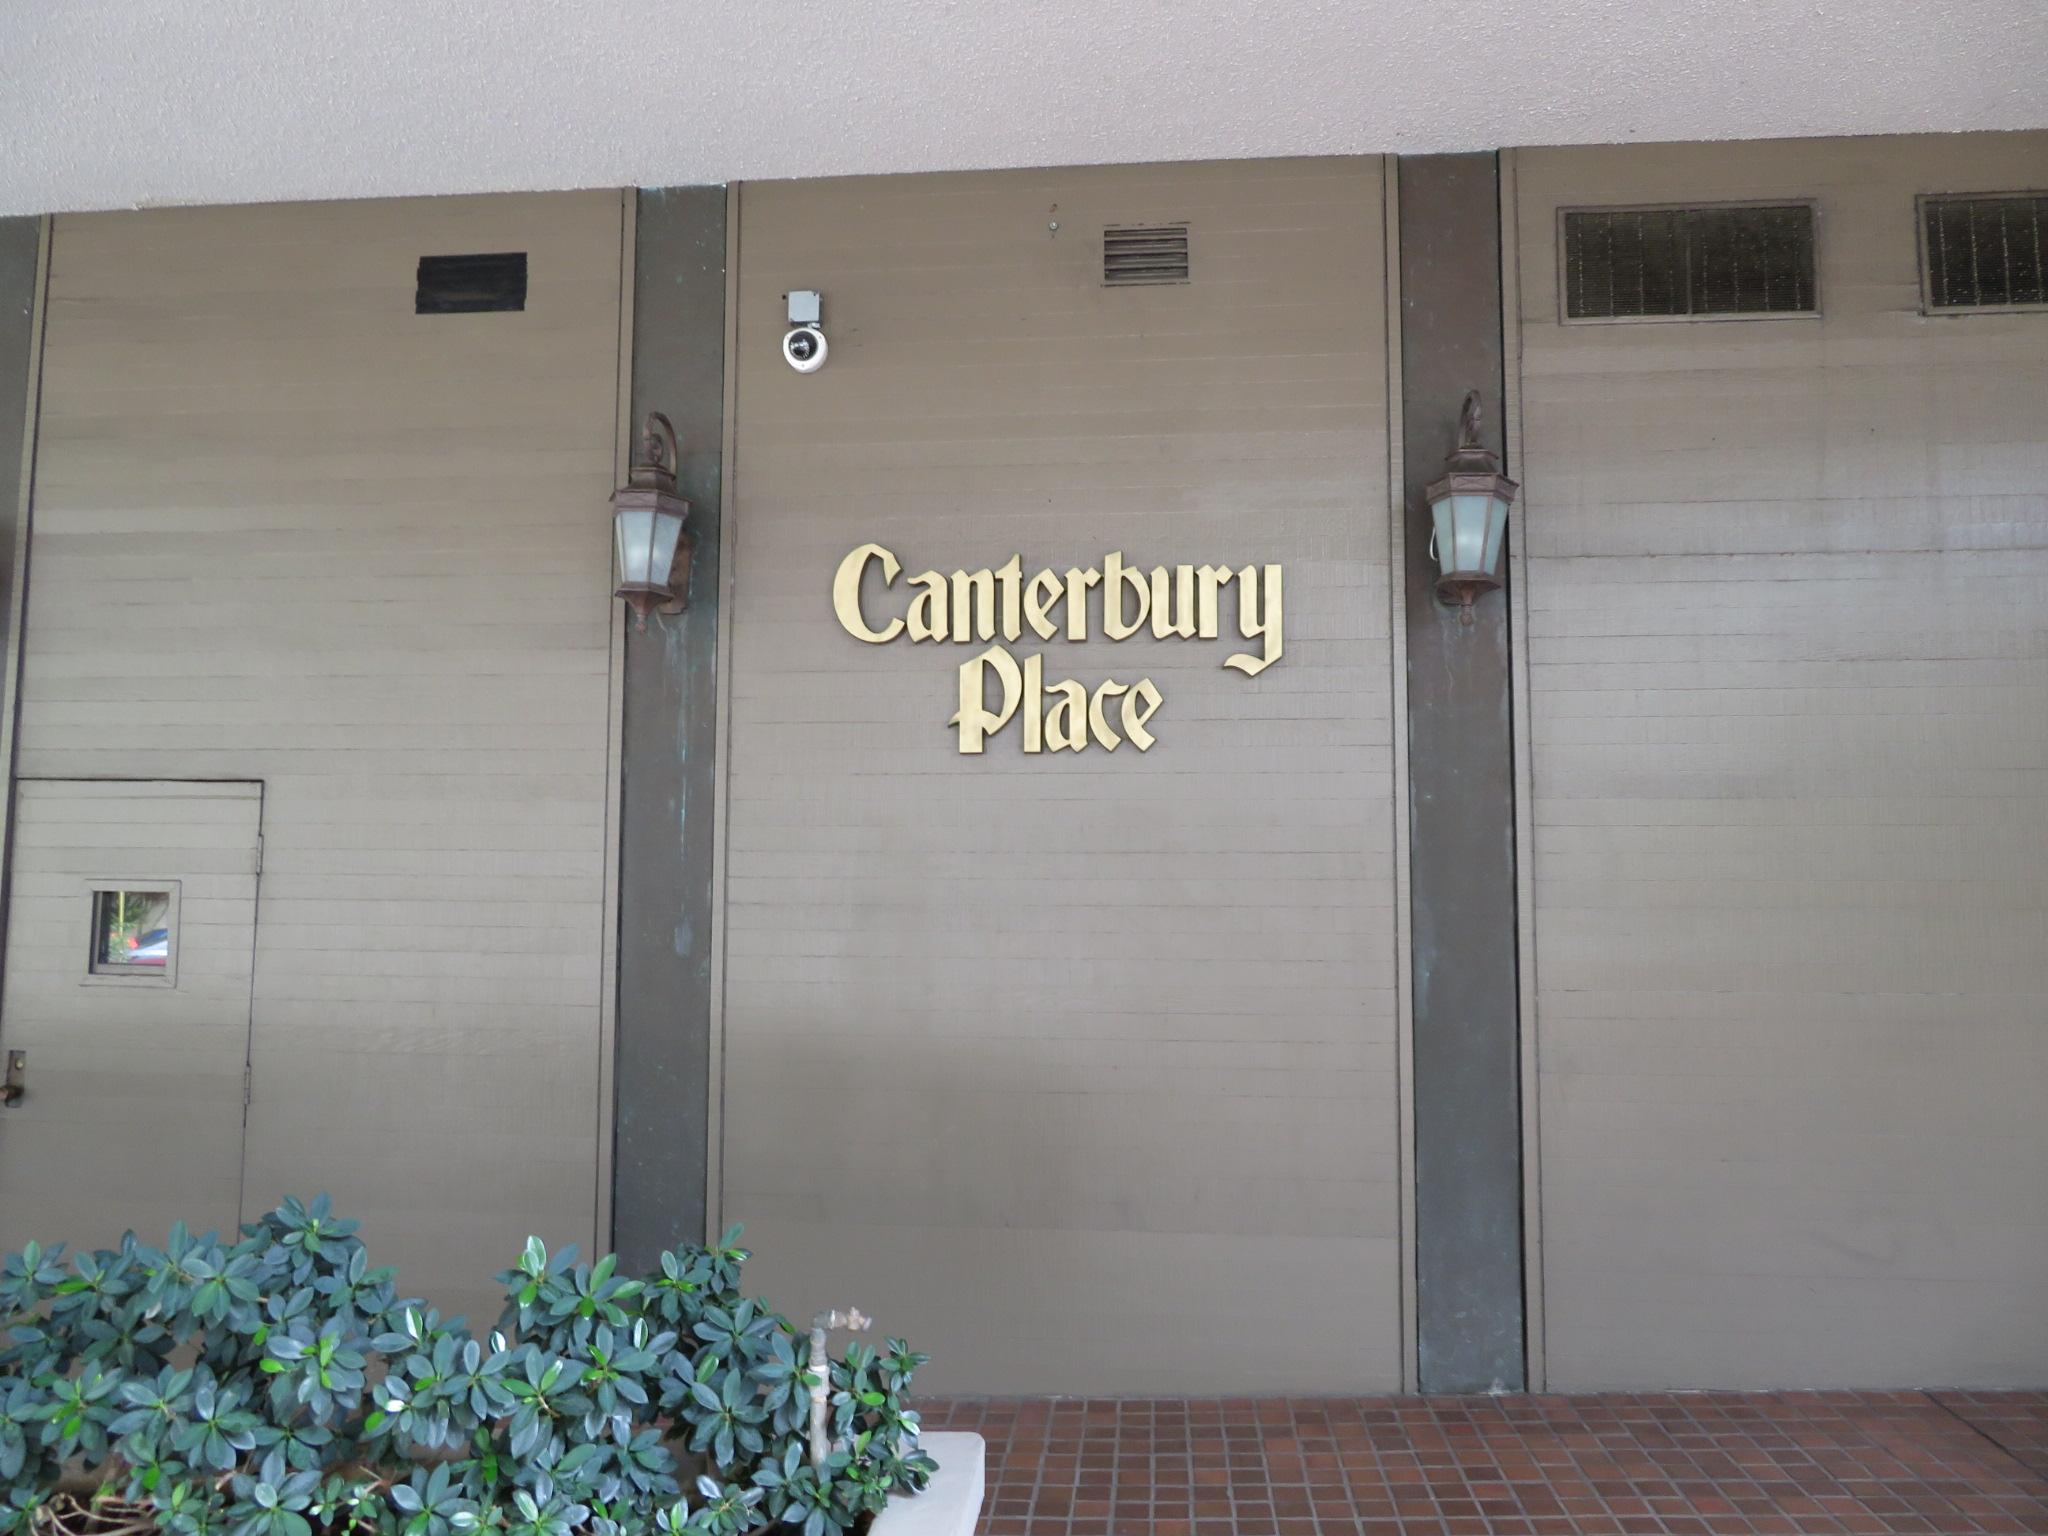 カンタベリー・プレイス / Canterbury Place